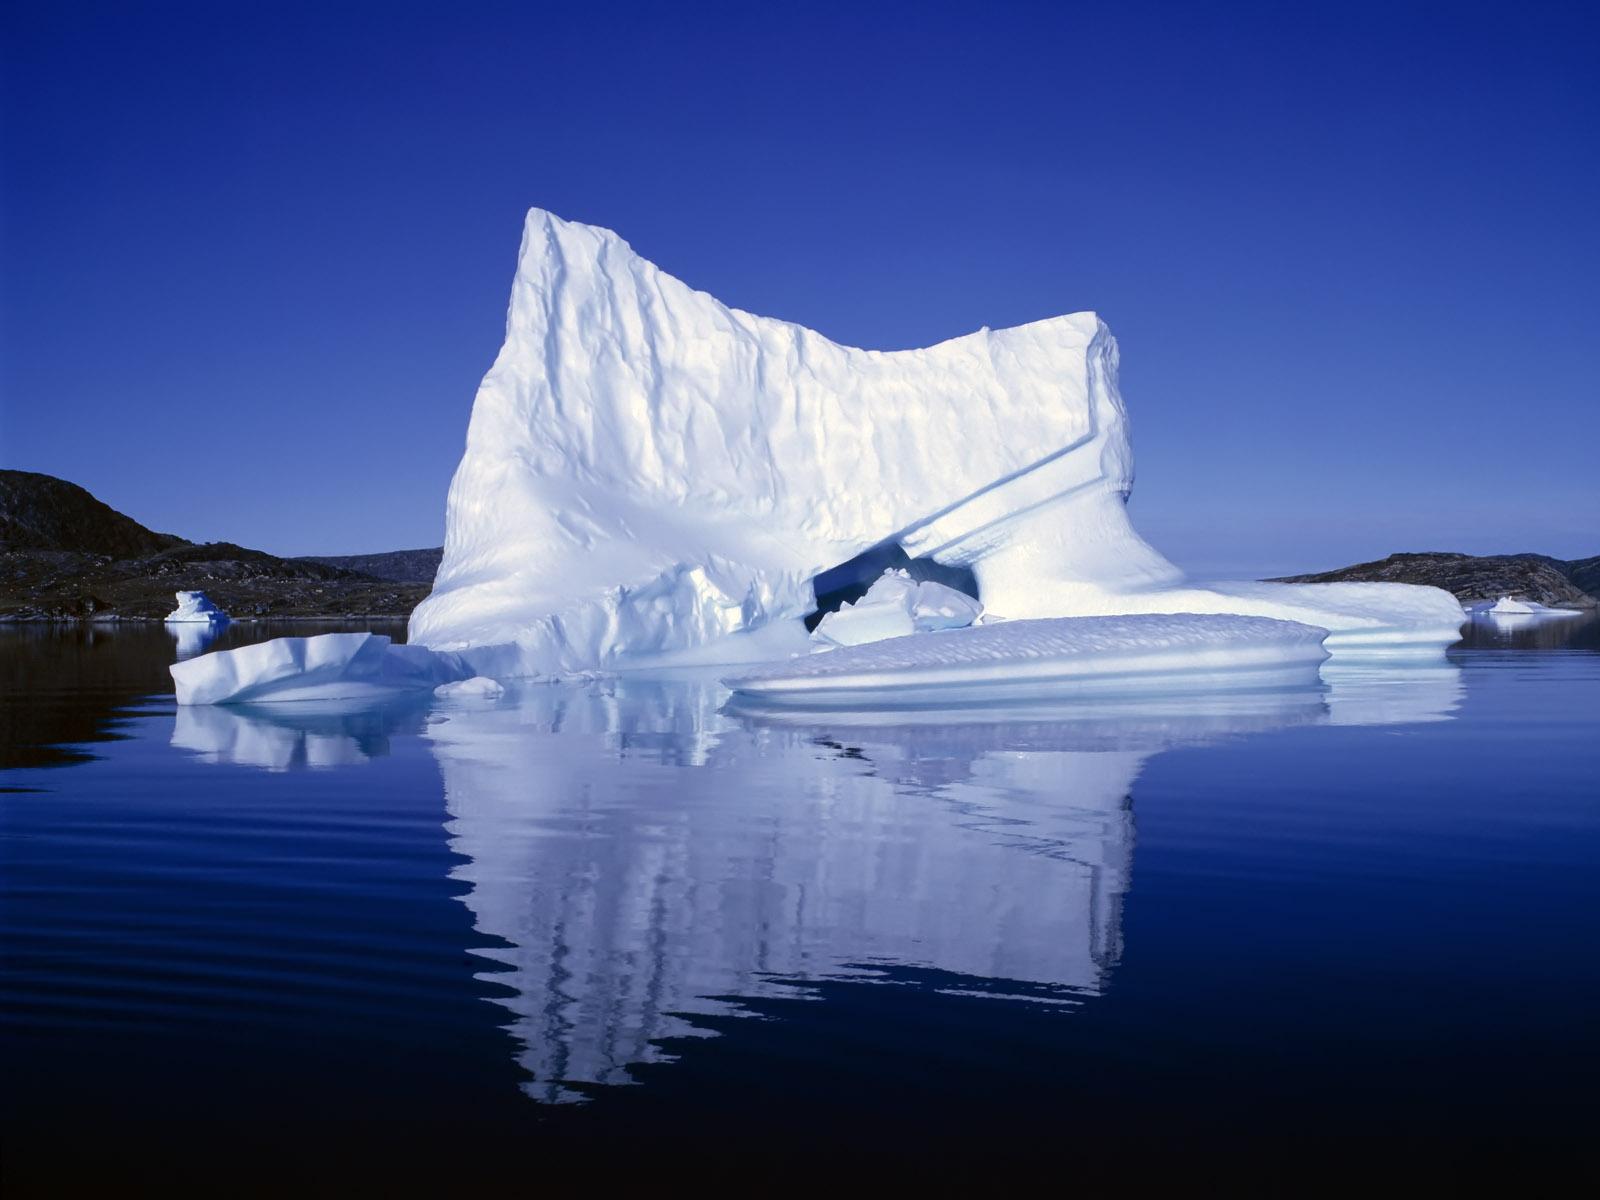 视觉大餐-美丽的极地风光(超精美) - 沉默是金 -   沉默是金de家园